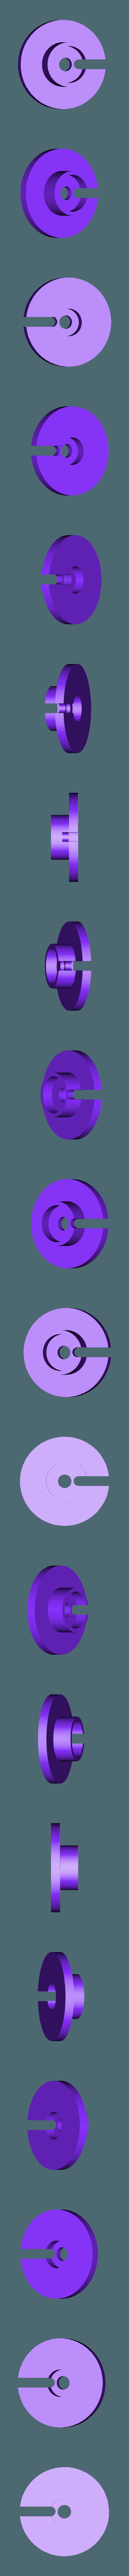 scuppertop2.stl Télécharger fichier STL gratuit Moken (Kayak) Support de dalot pour transducteur • Modèle pour impression 3D, LilMikey